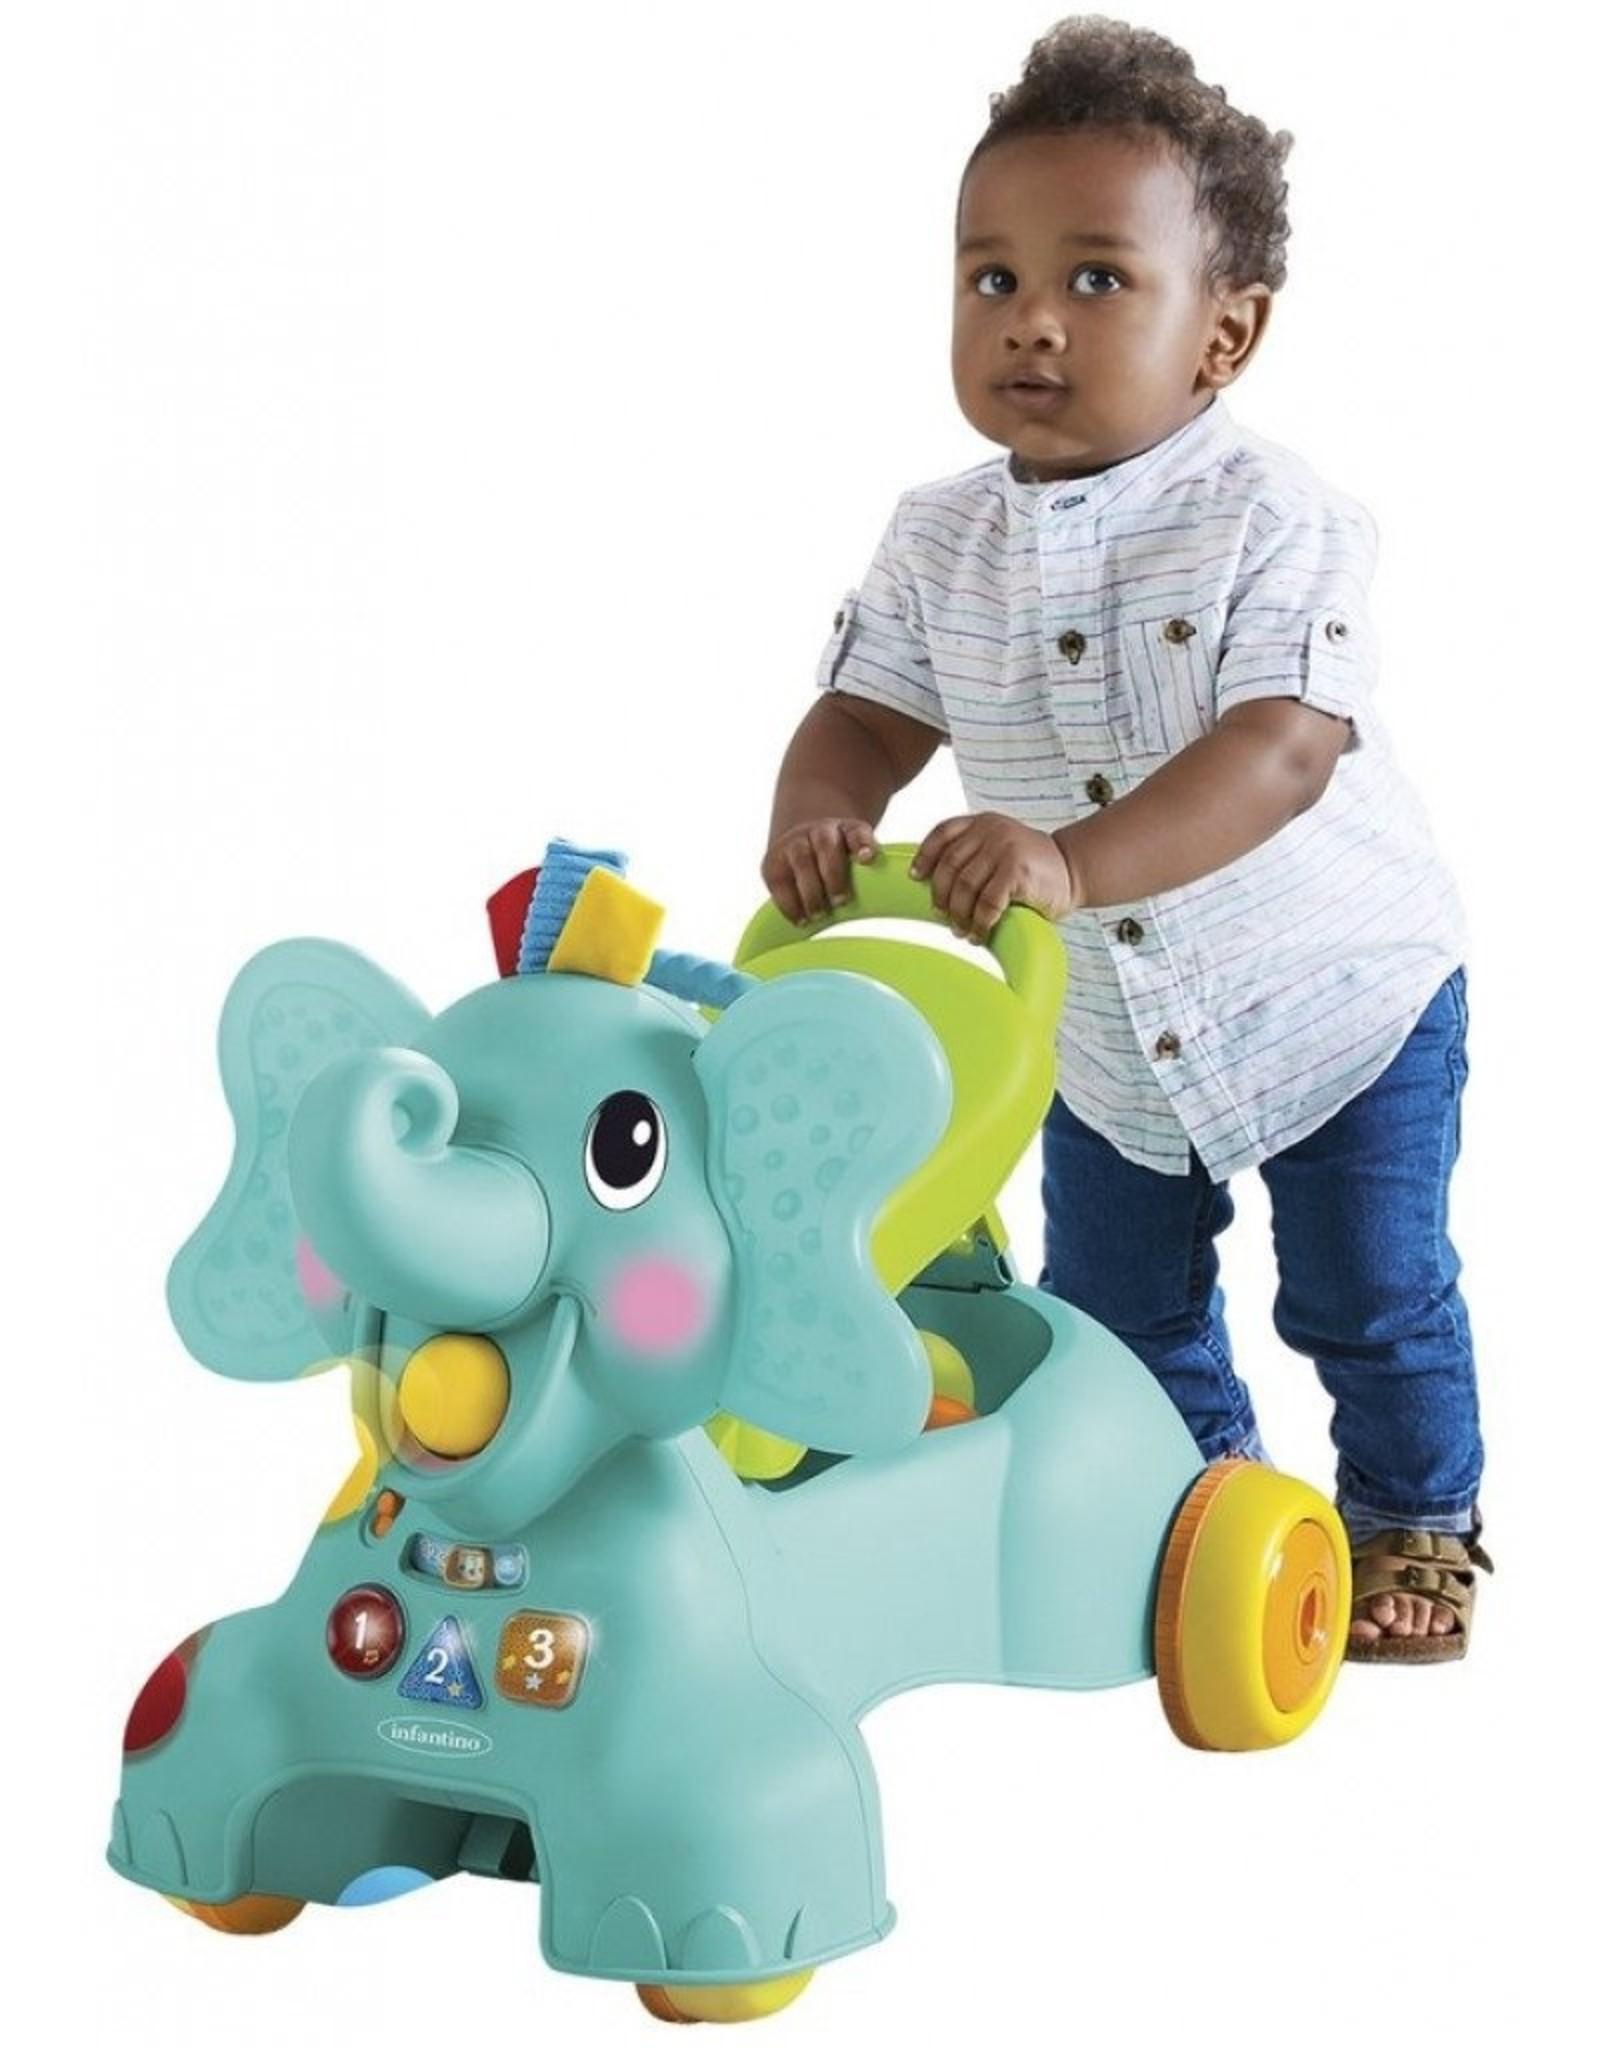 Infantino Ride On Elephant